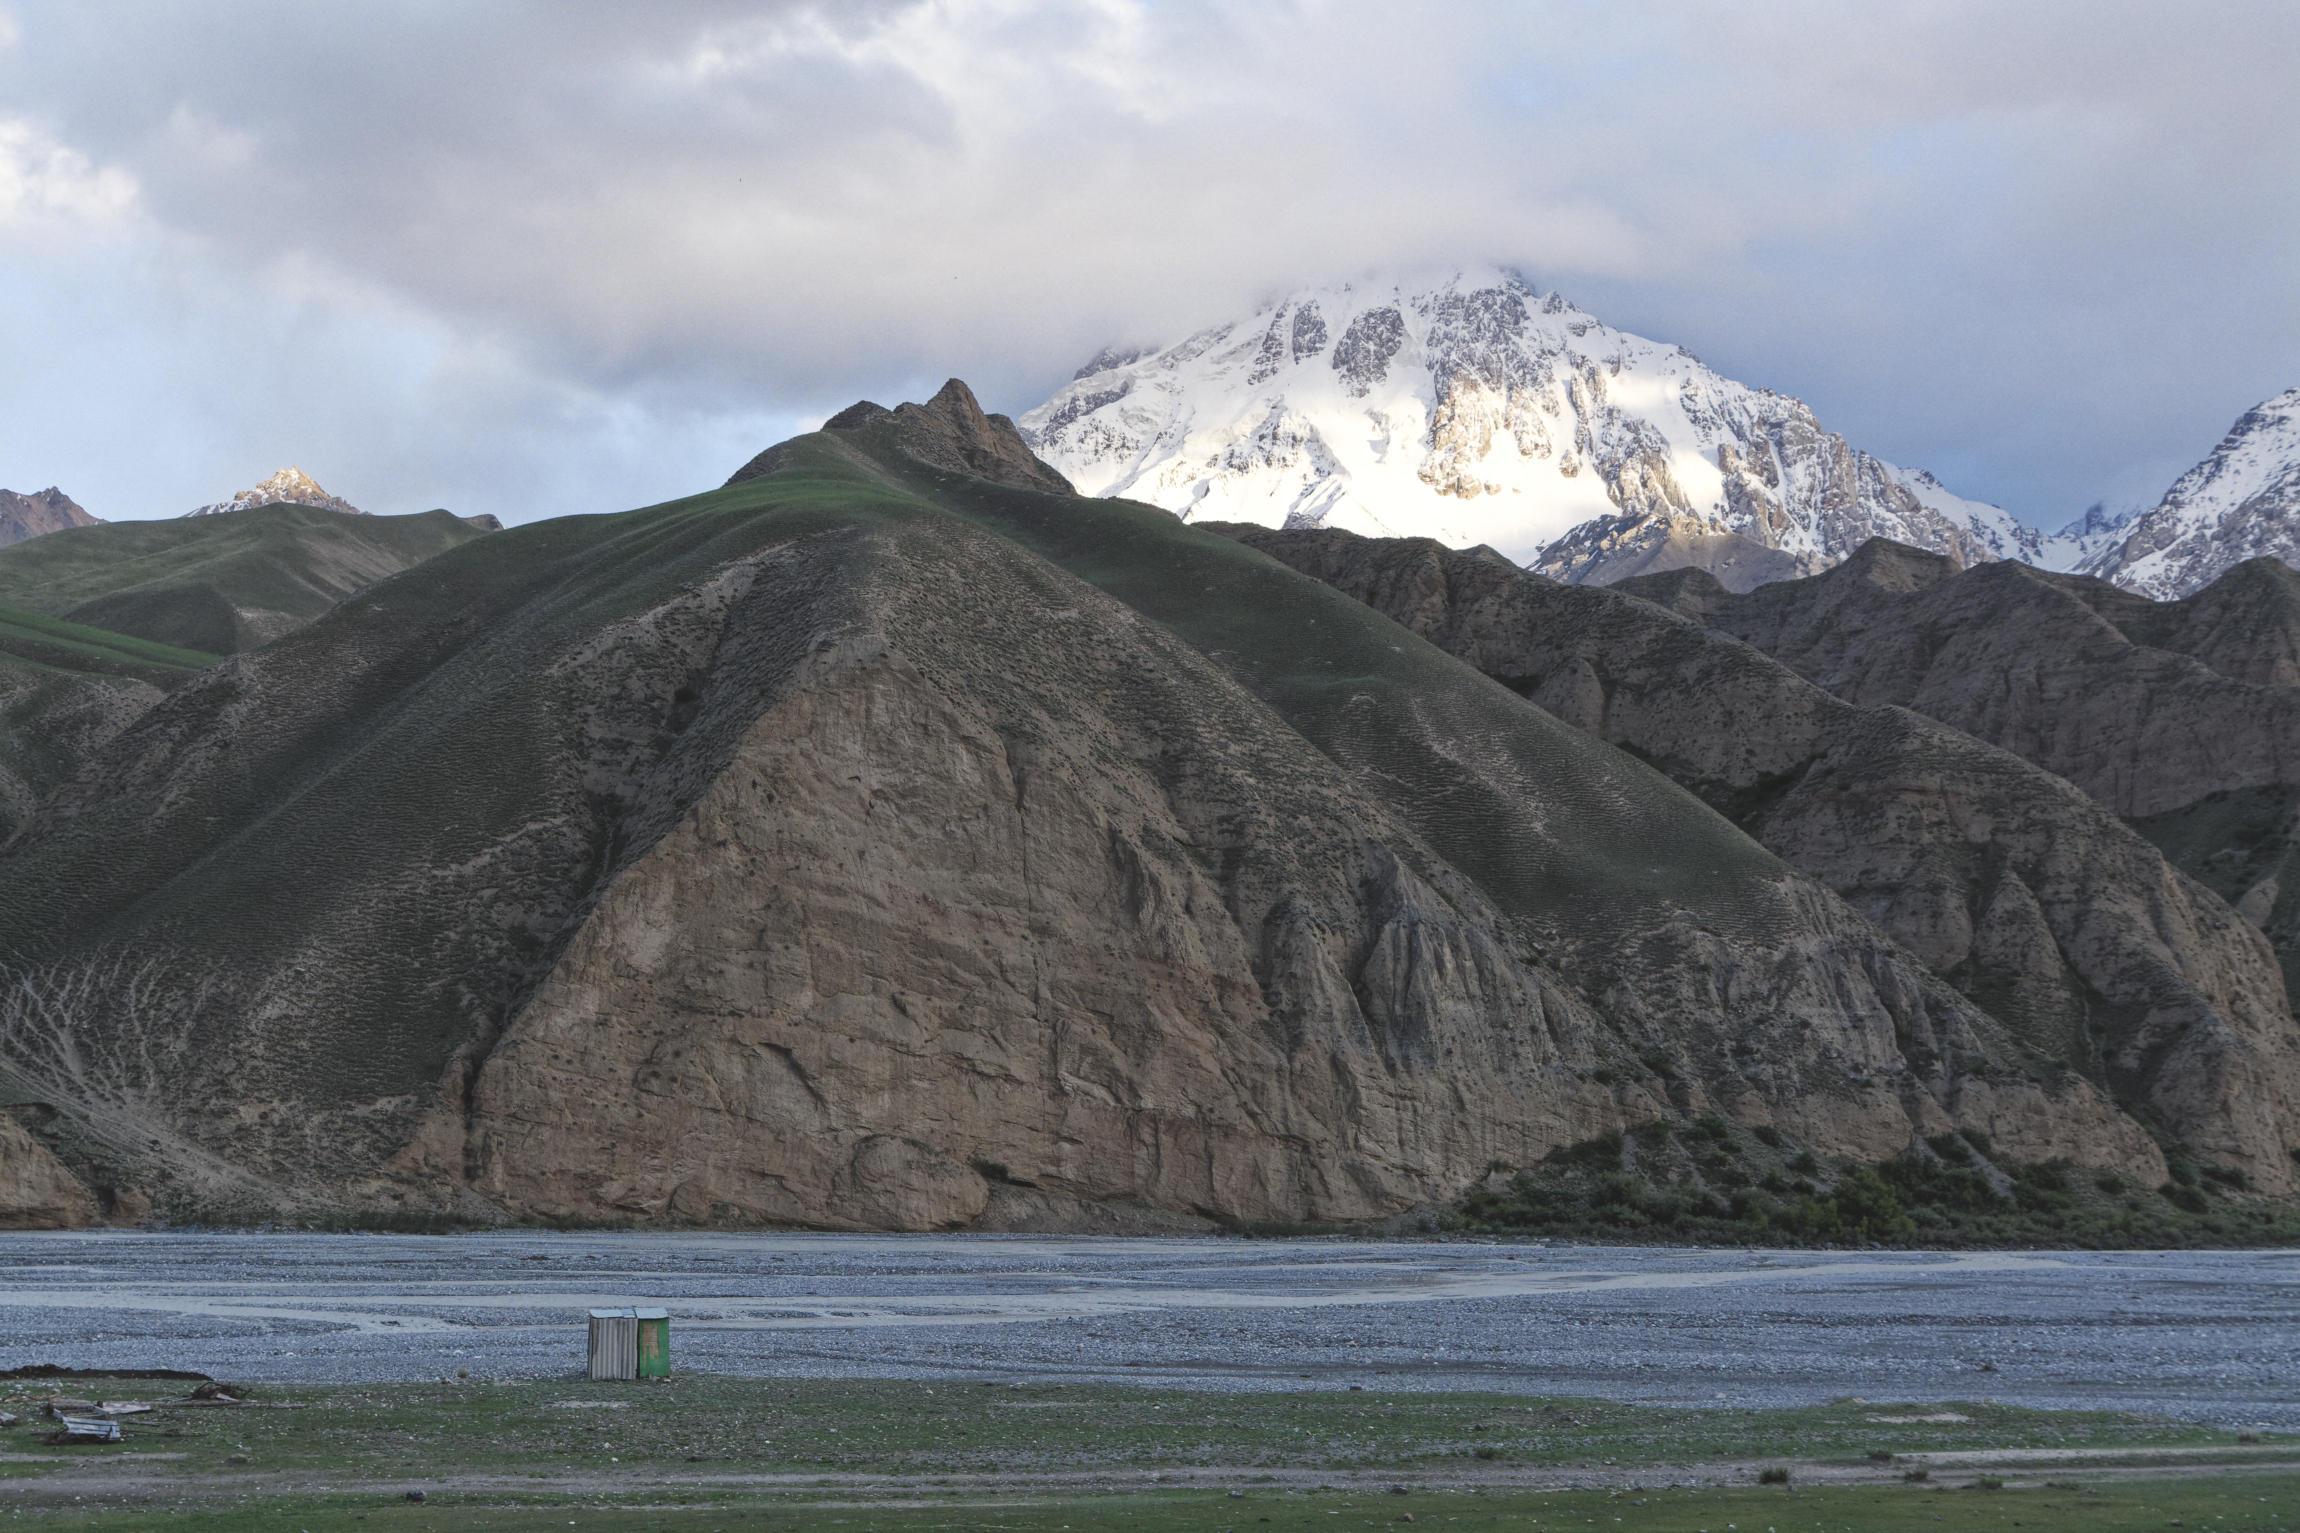 Rivière et montagnes vallée de Kaindy Kirghizstan